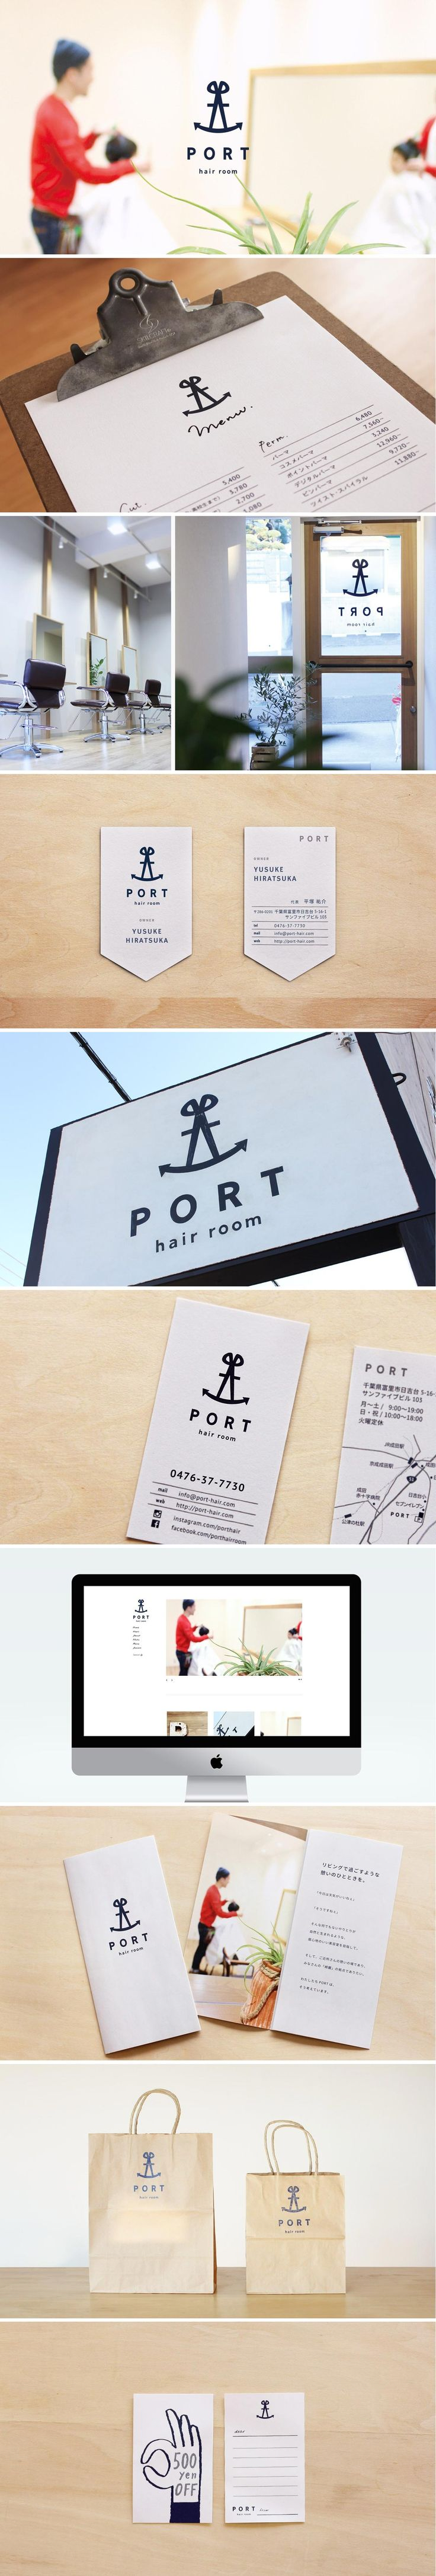 千葉・成田 美容室「PORT」ブランディング・ショップツールデザイン - ALNICO DESIGN アルニコデザイン